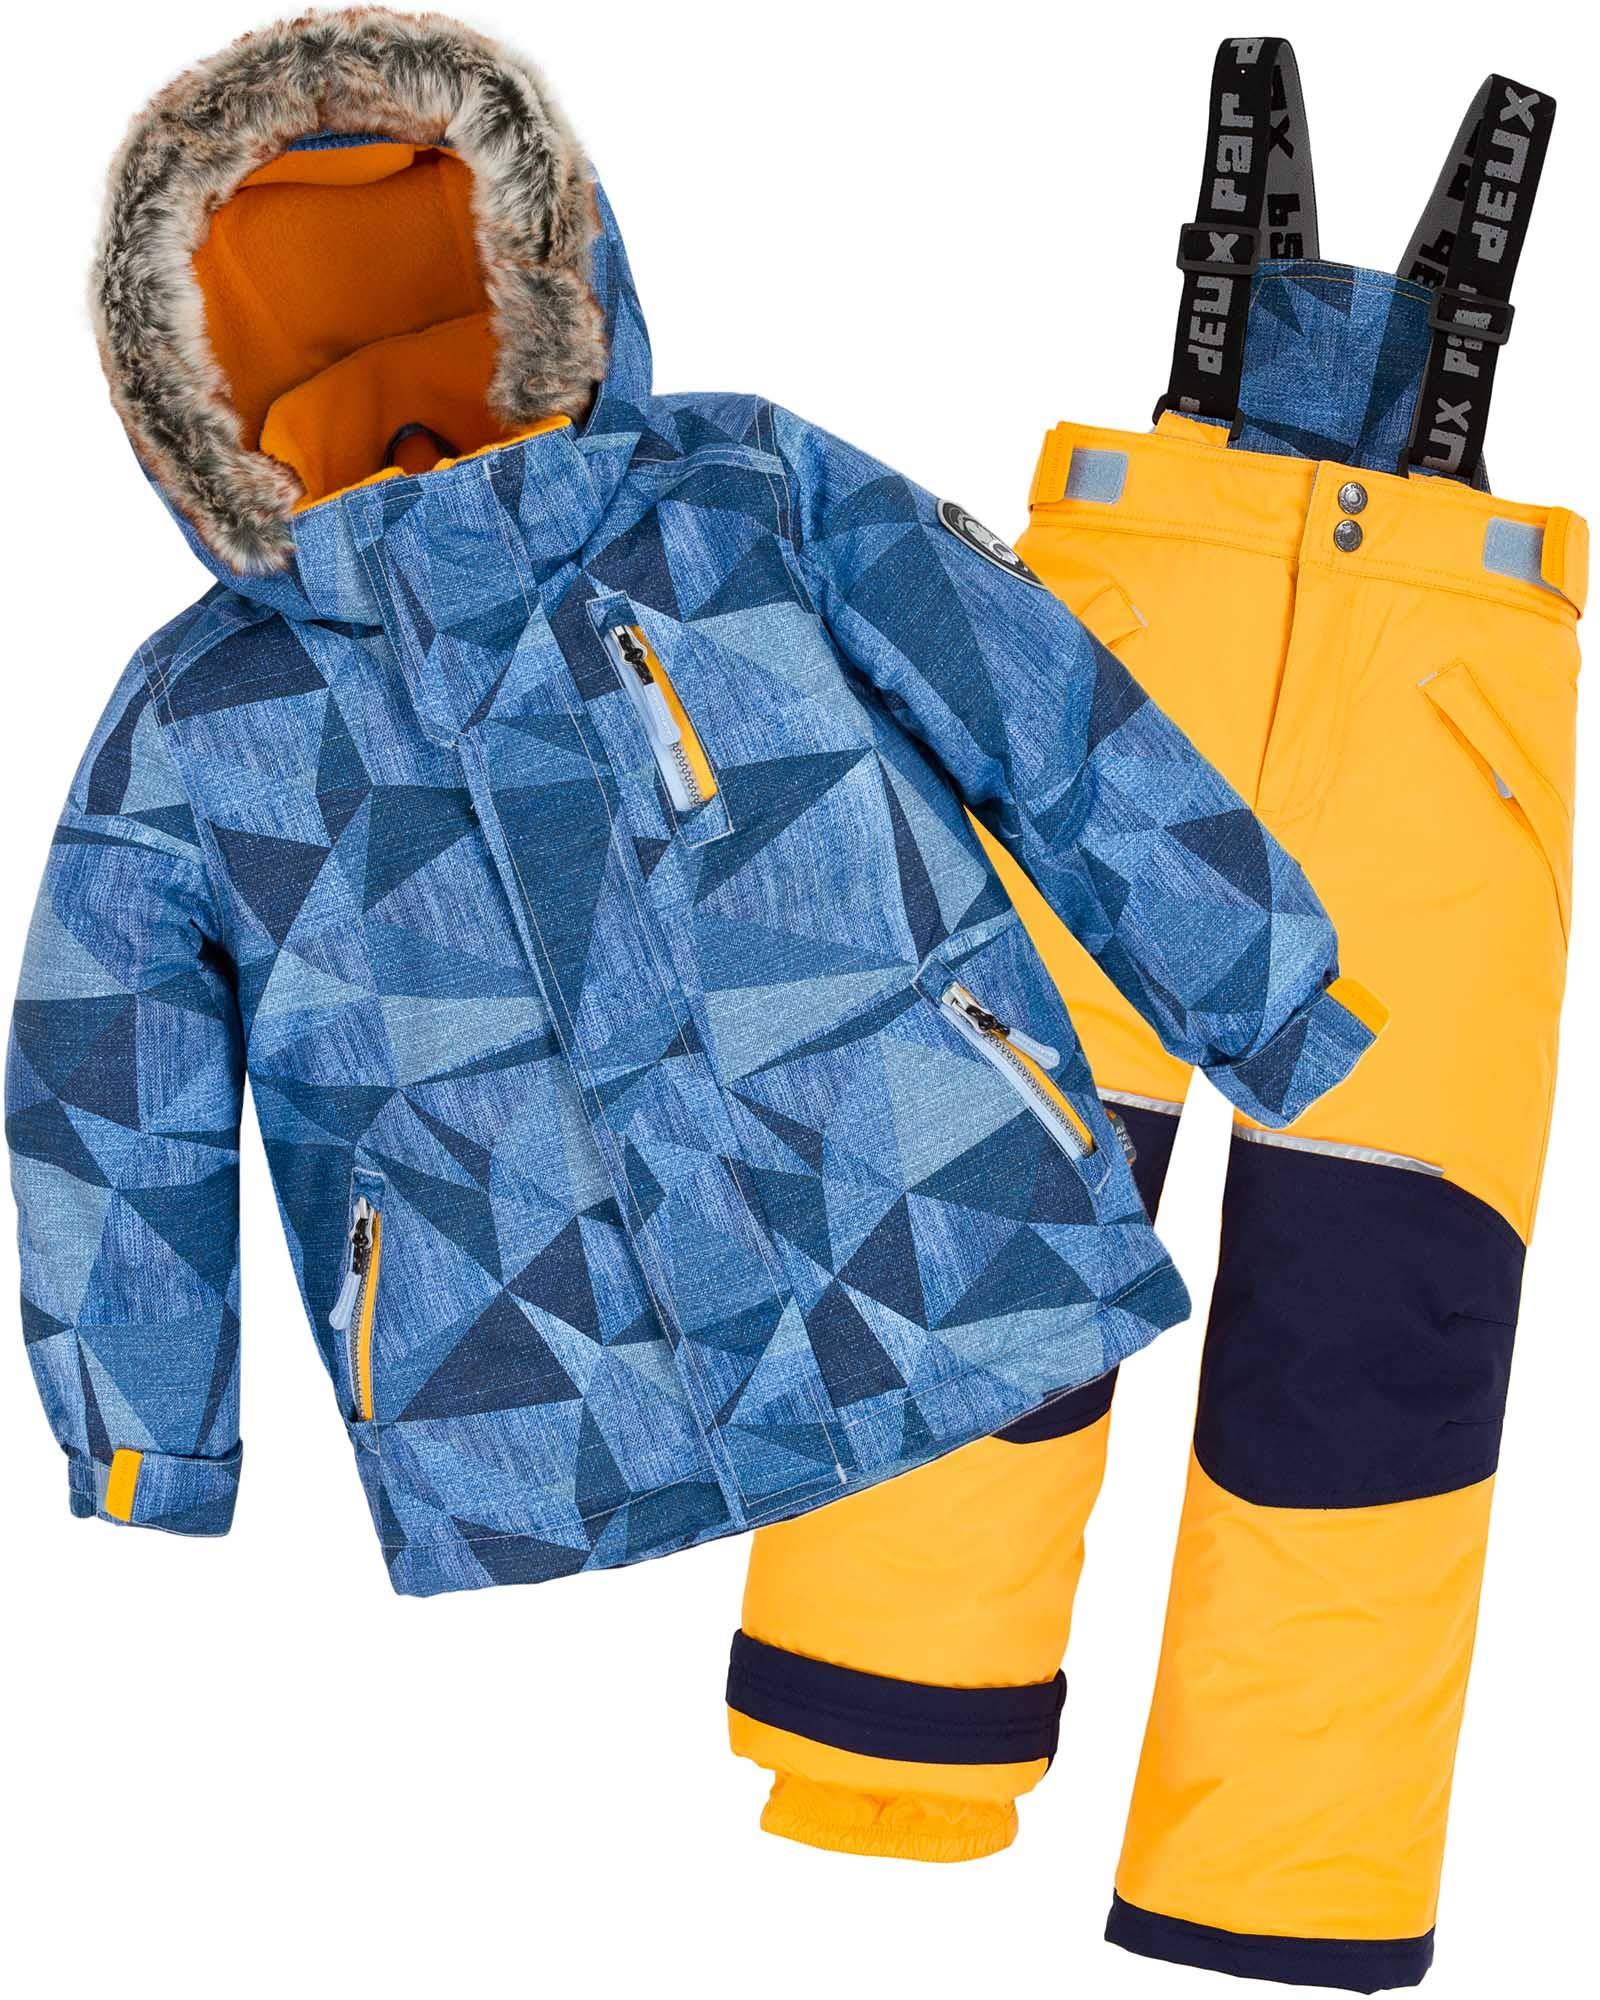 Deux par Deux Boys' 2-Piece Snowsuit Geo Jeans Yellow, Sizes 3-14 - 10